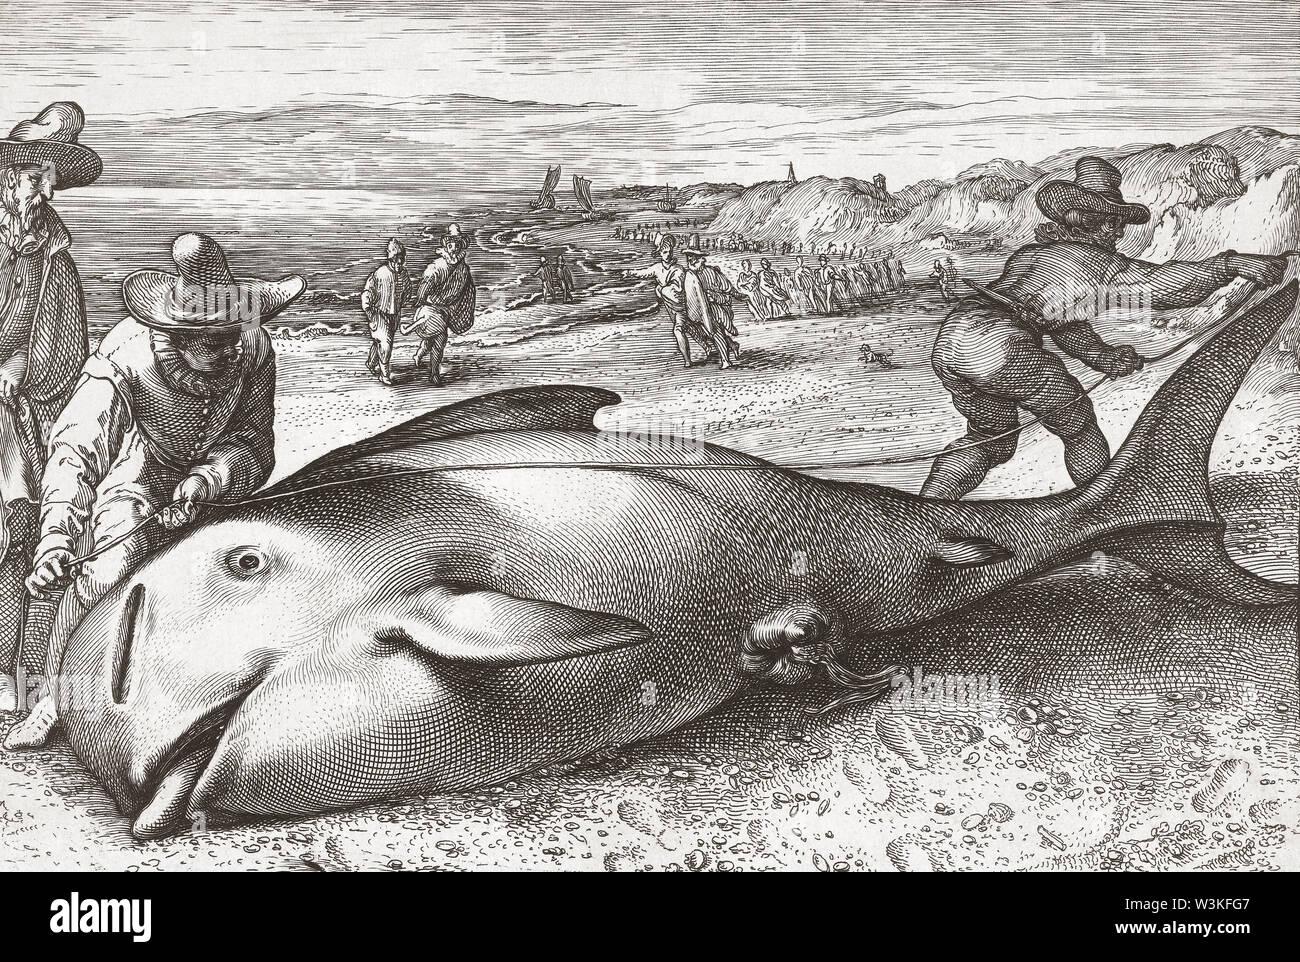 Dos hombres, medir la longitud de una ballena varada muerta. A finales del siglo XVI después de una impresión. Foto de stock